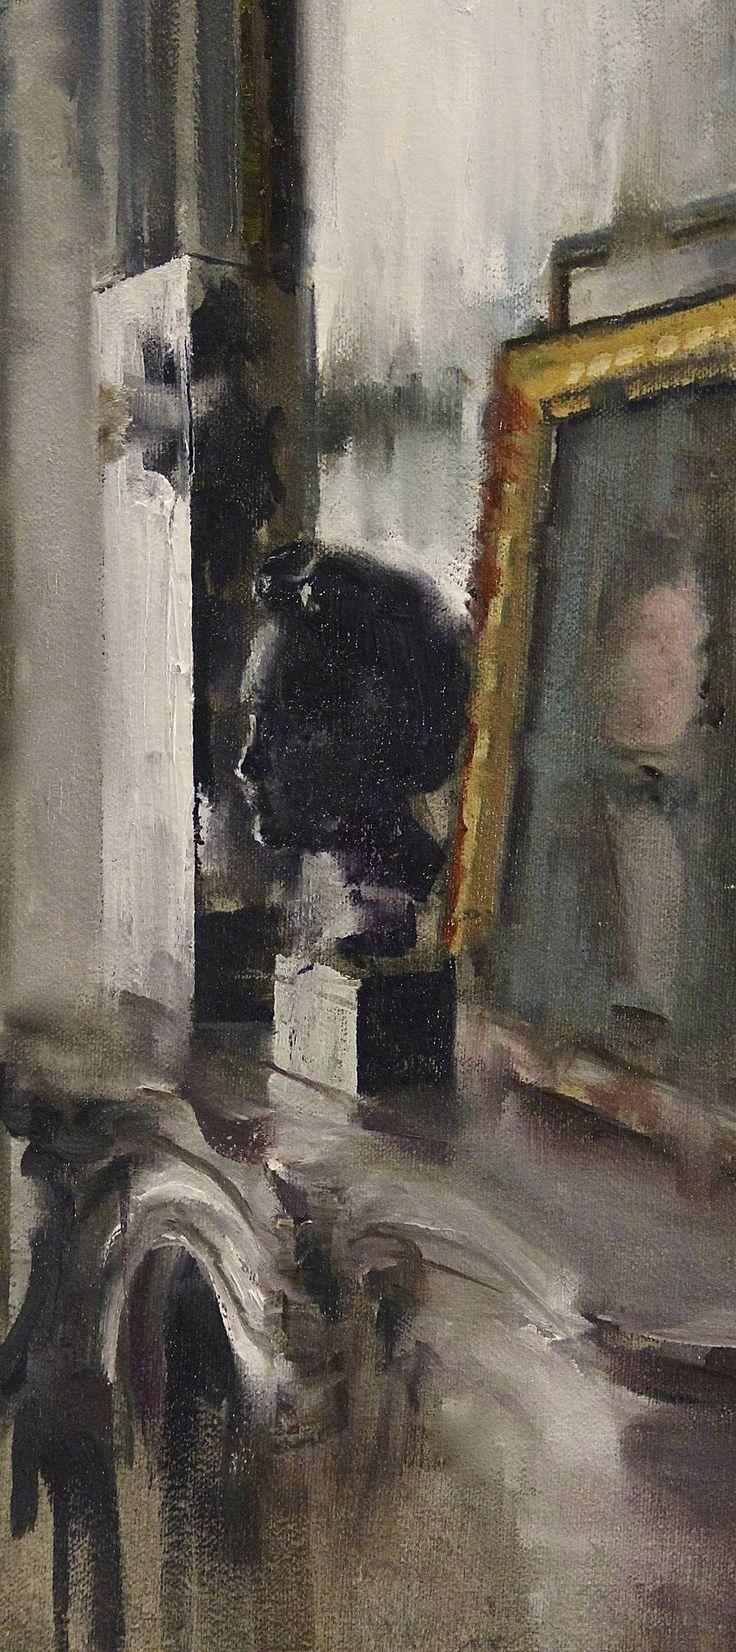 """Saatchi Art Artist: Fanny Nushka Moreaux; Oil 2014 Painting """"Study for Intérieur Collectionneur IV, 2014"""""""